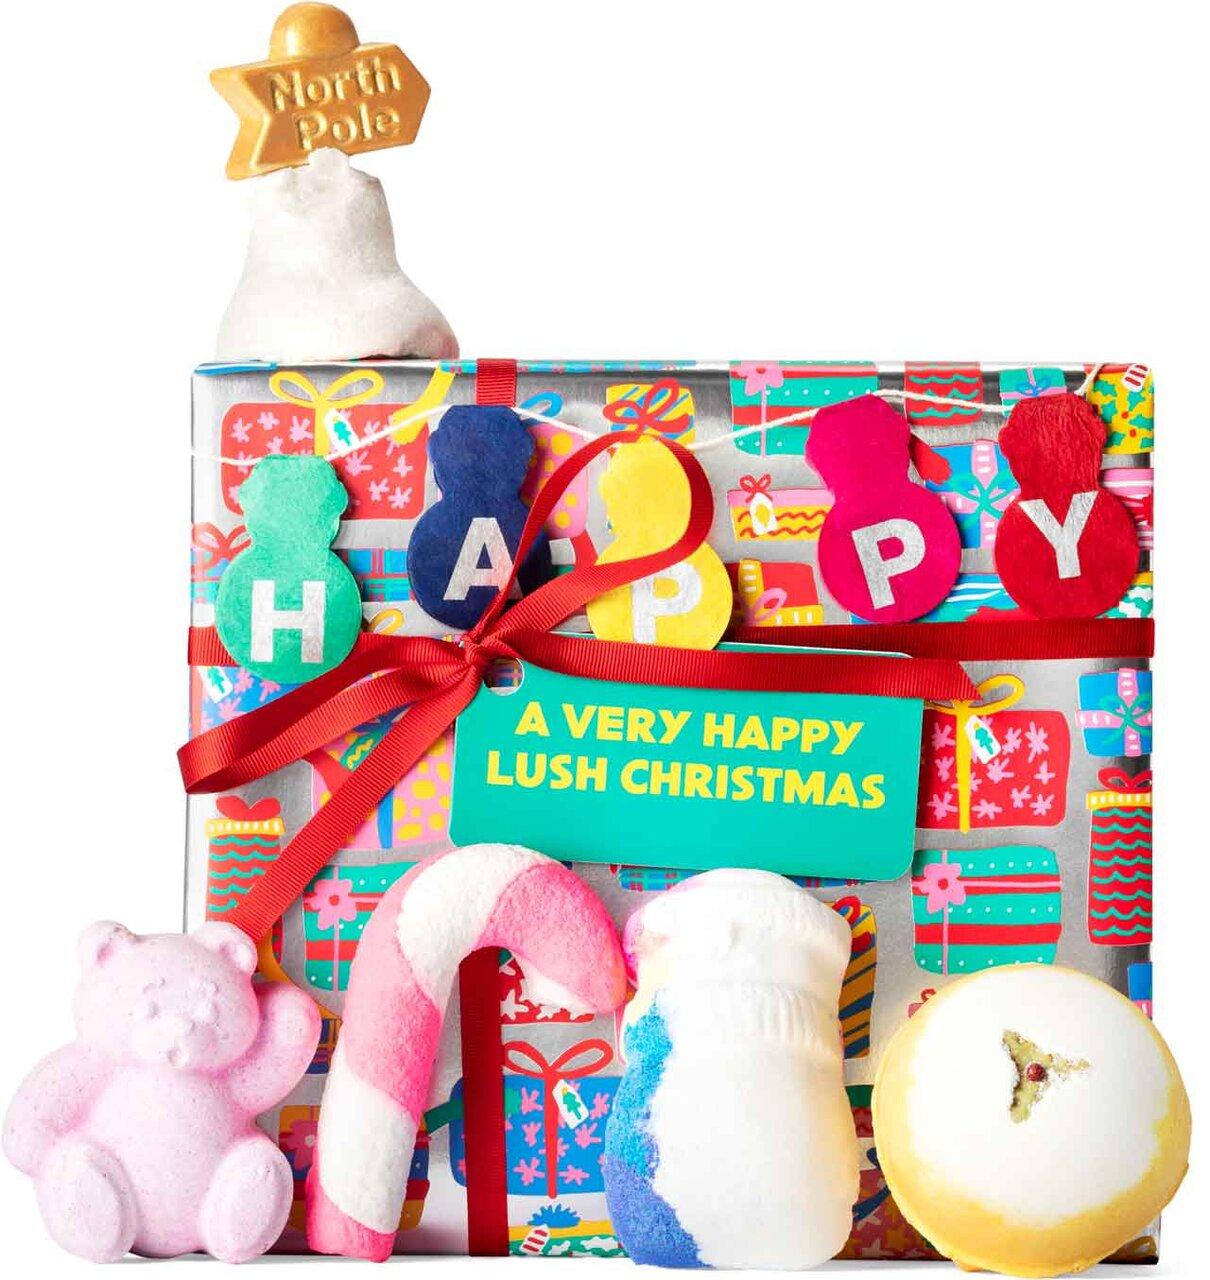 LUSH(ラッシュ)/ア ベリーハッピー ラッシュクリスマス ギフト